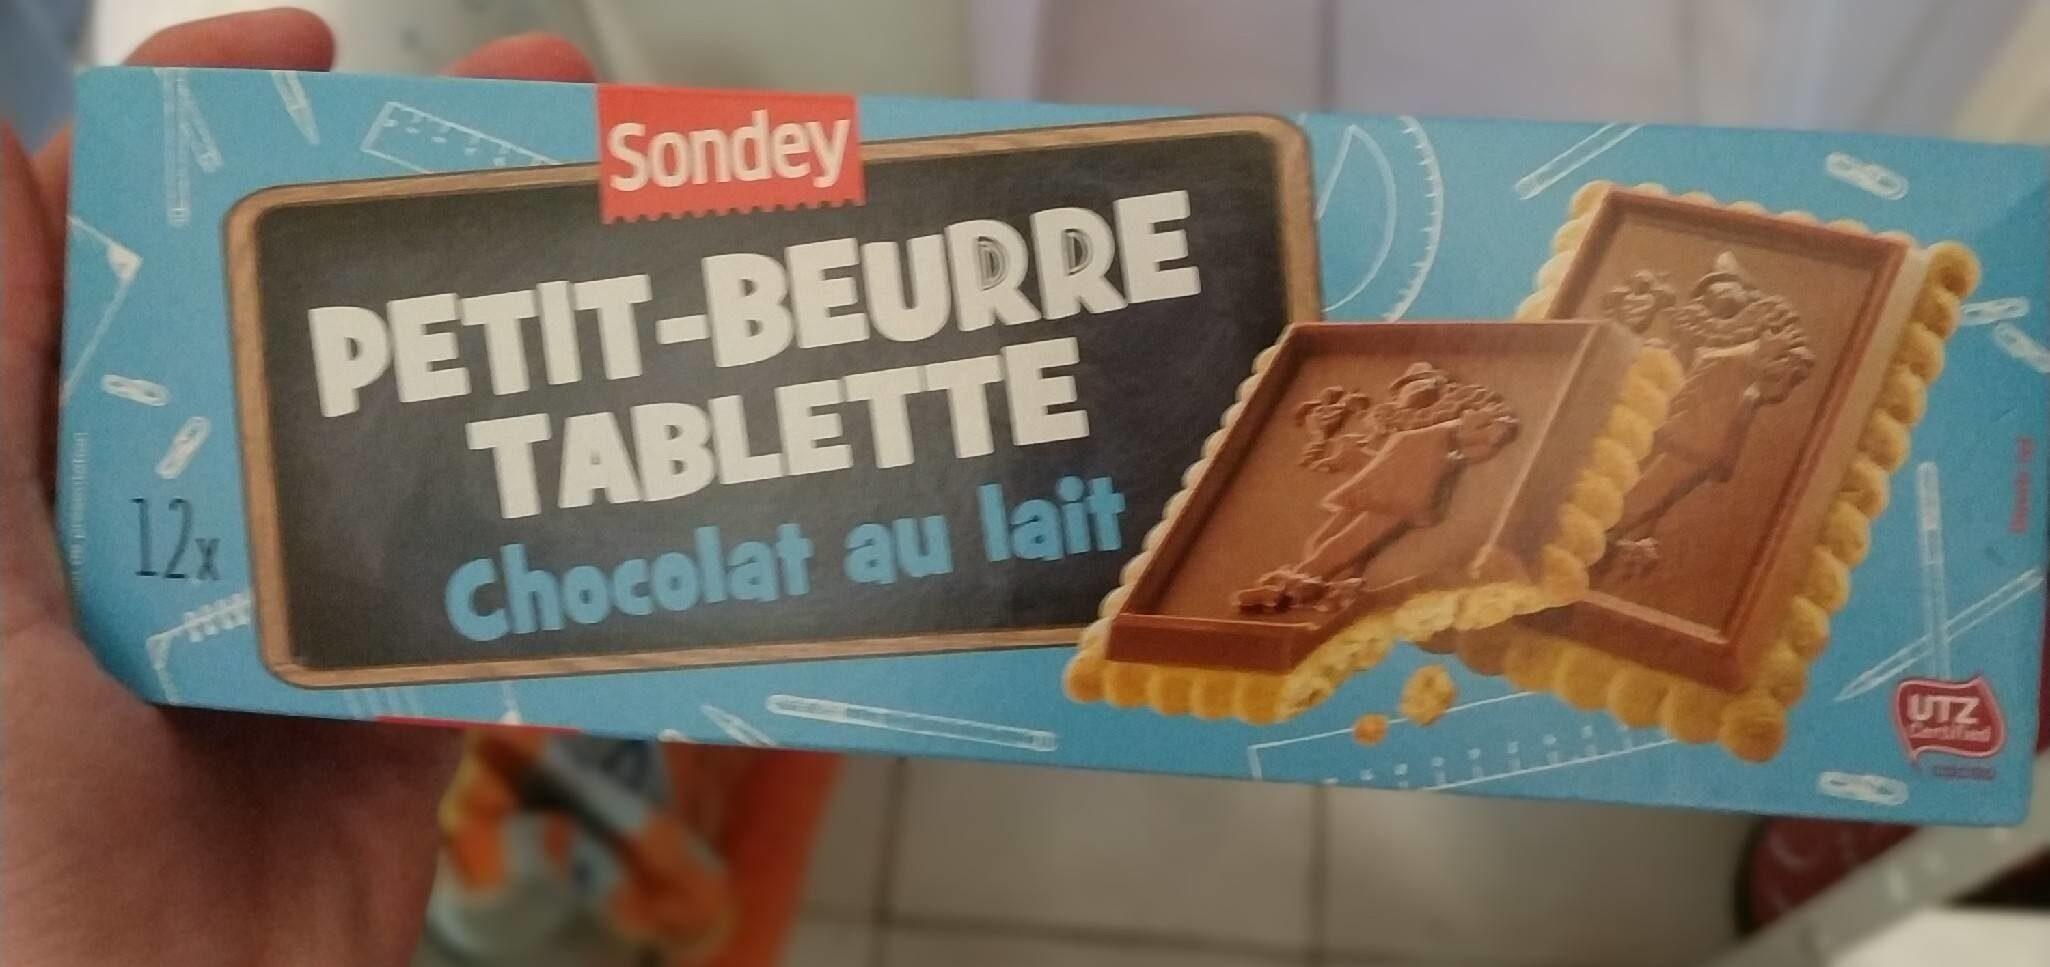 Petit beurre tablette chocolat au lait - Product